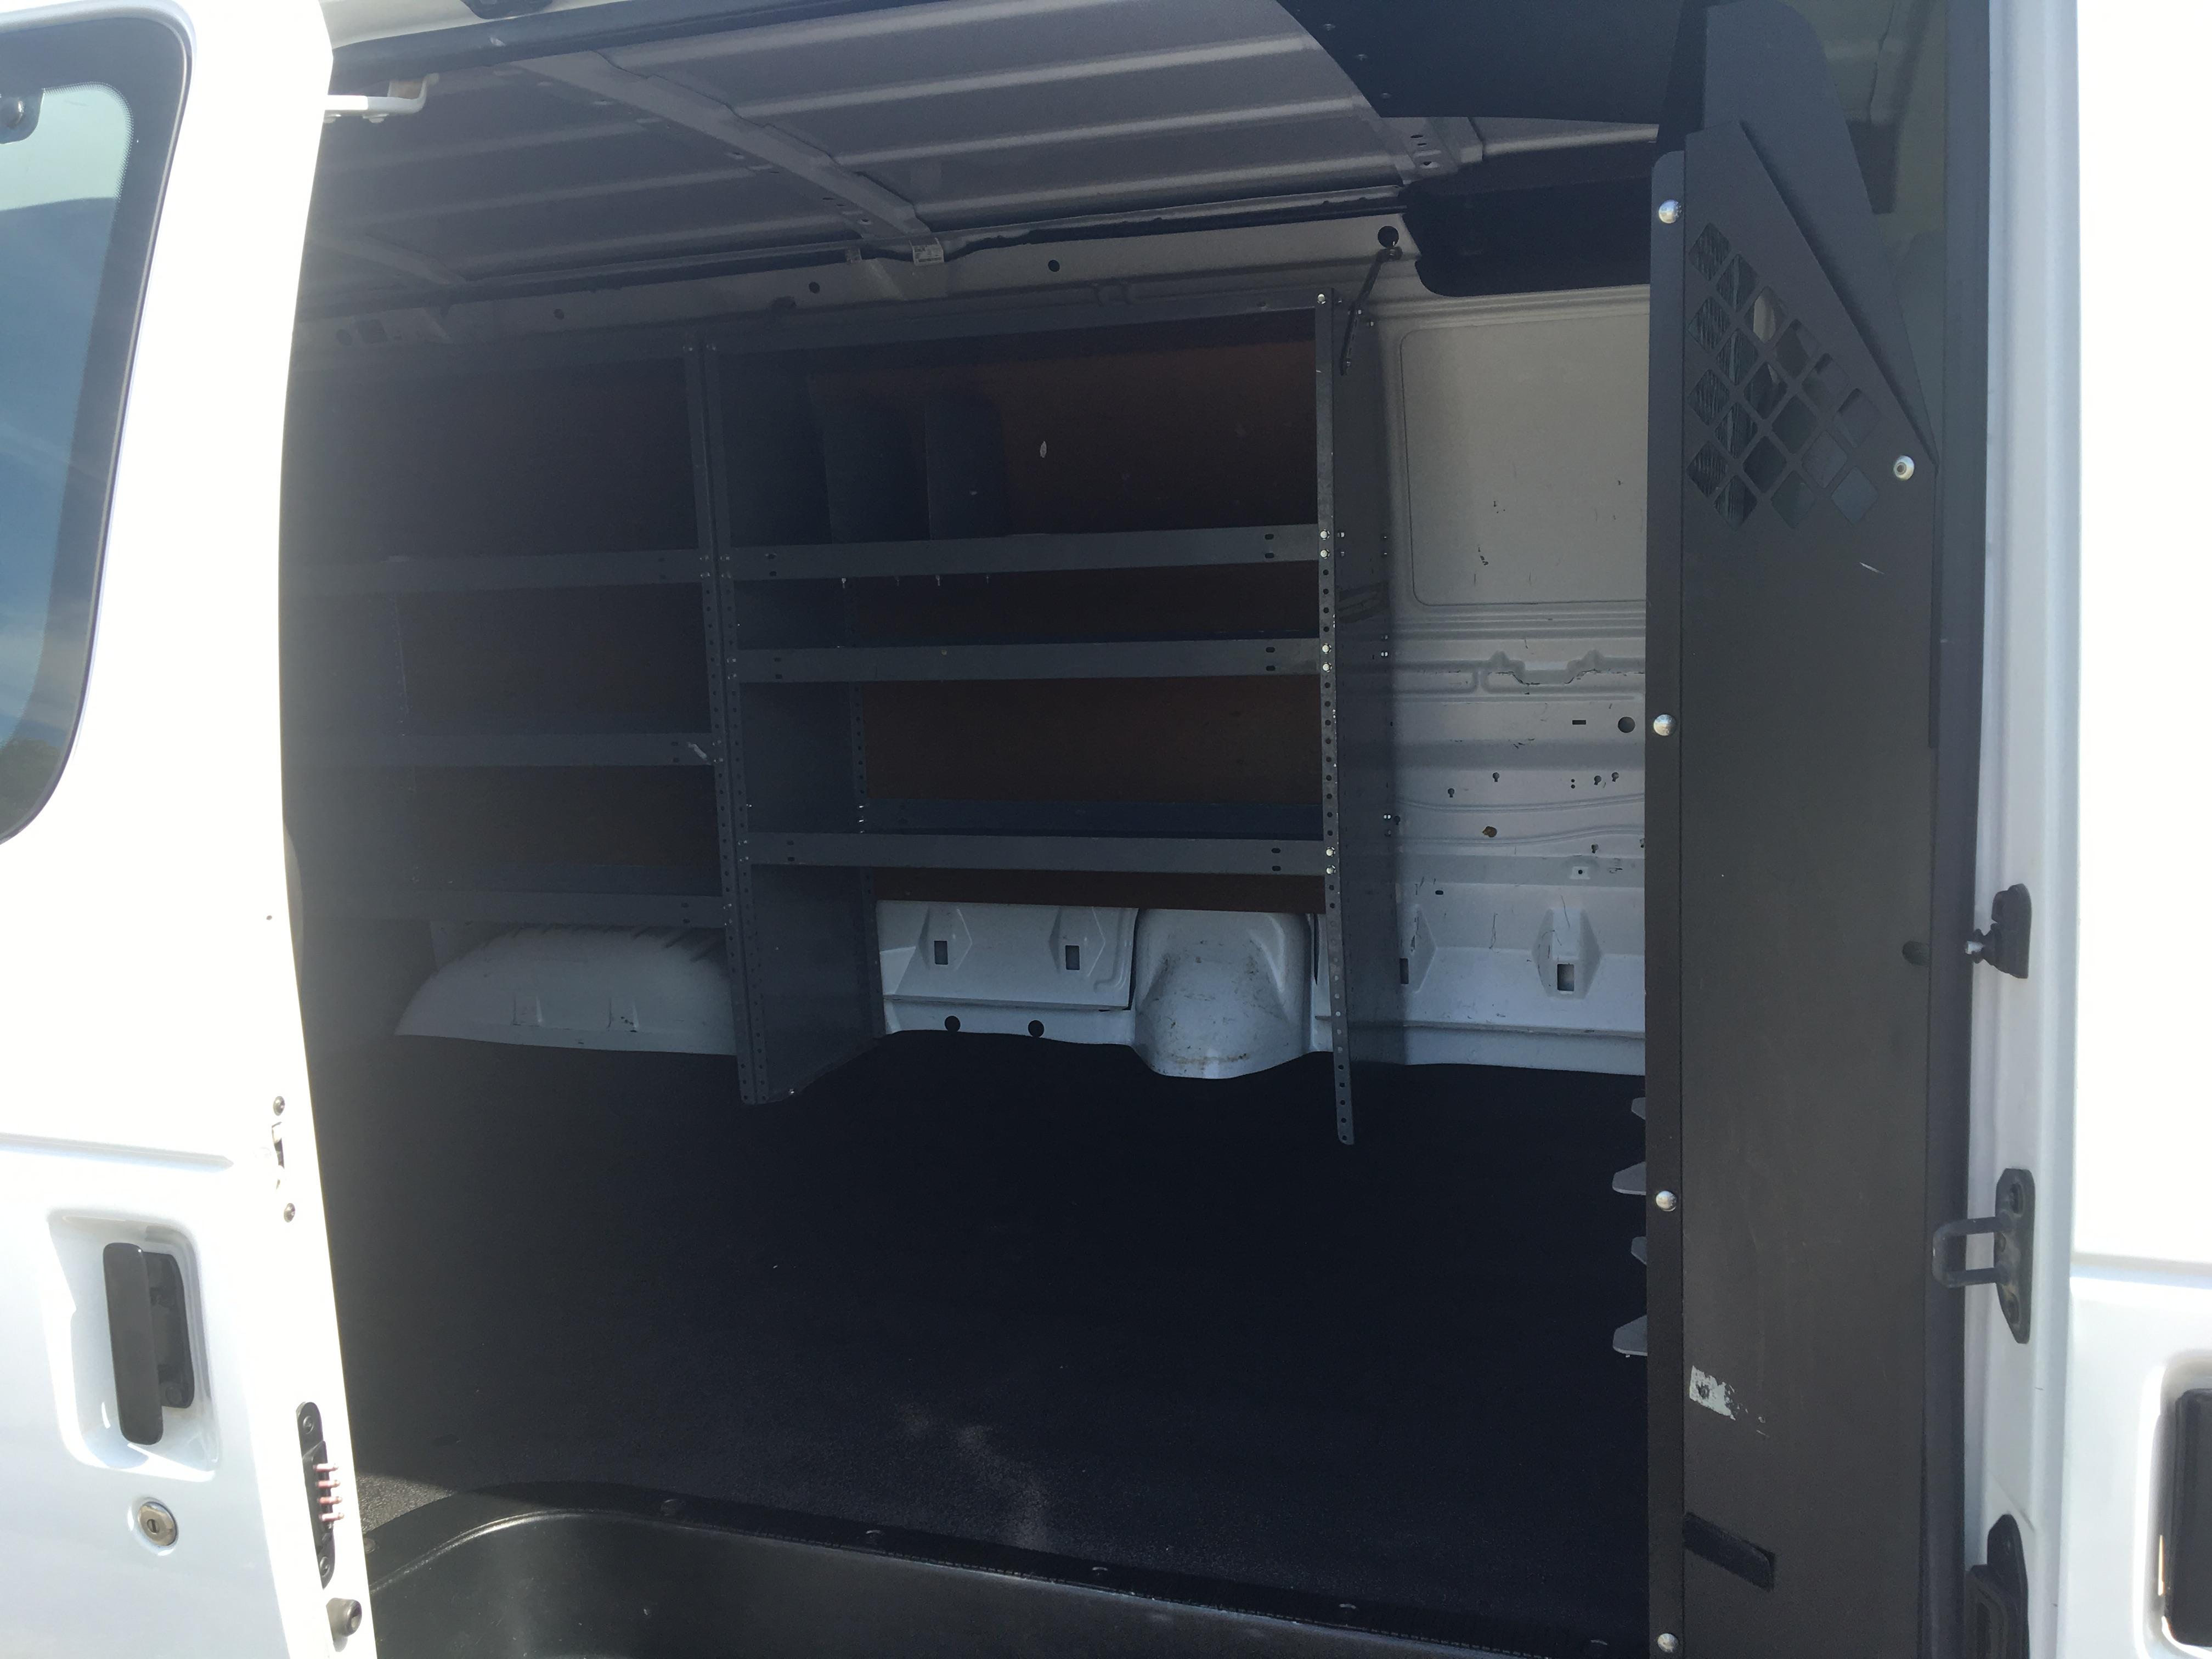 2006 Ford E250 Cargo Van